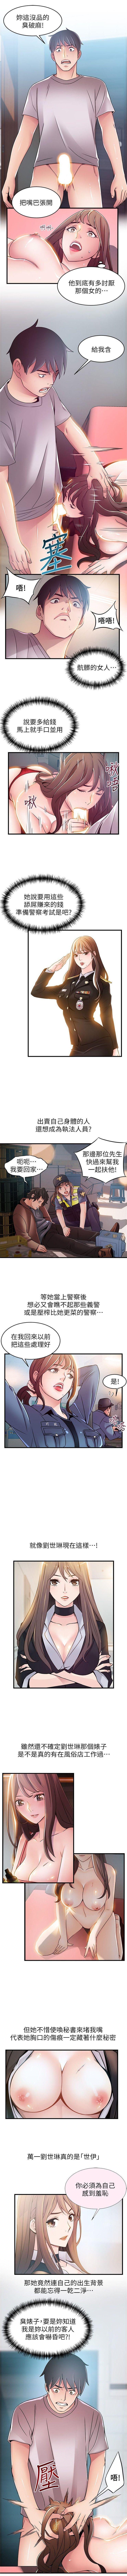 (周7)弱点 1-66 中文翻译(更新中) 186